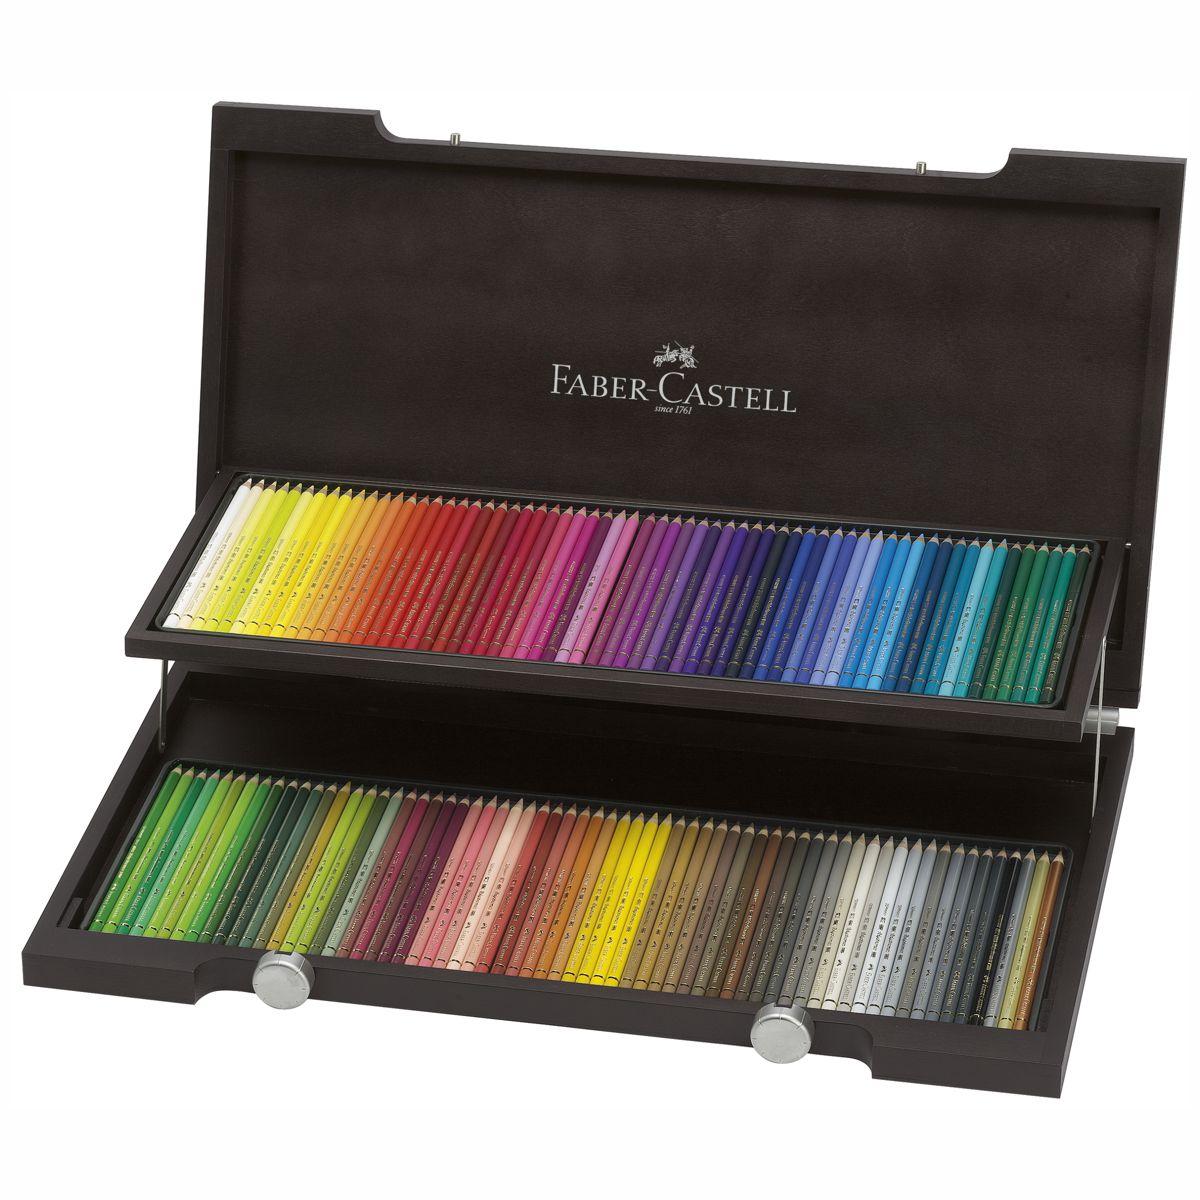 Faber Castell Albrecht Dürer Künstlerfarbstifte Einzelstift alle Farben NEU